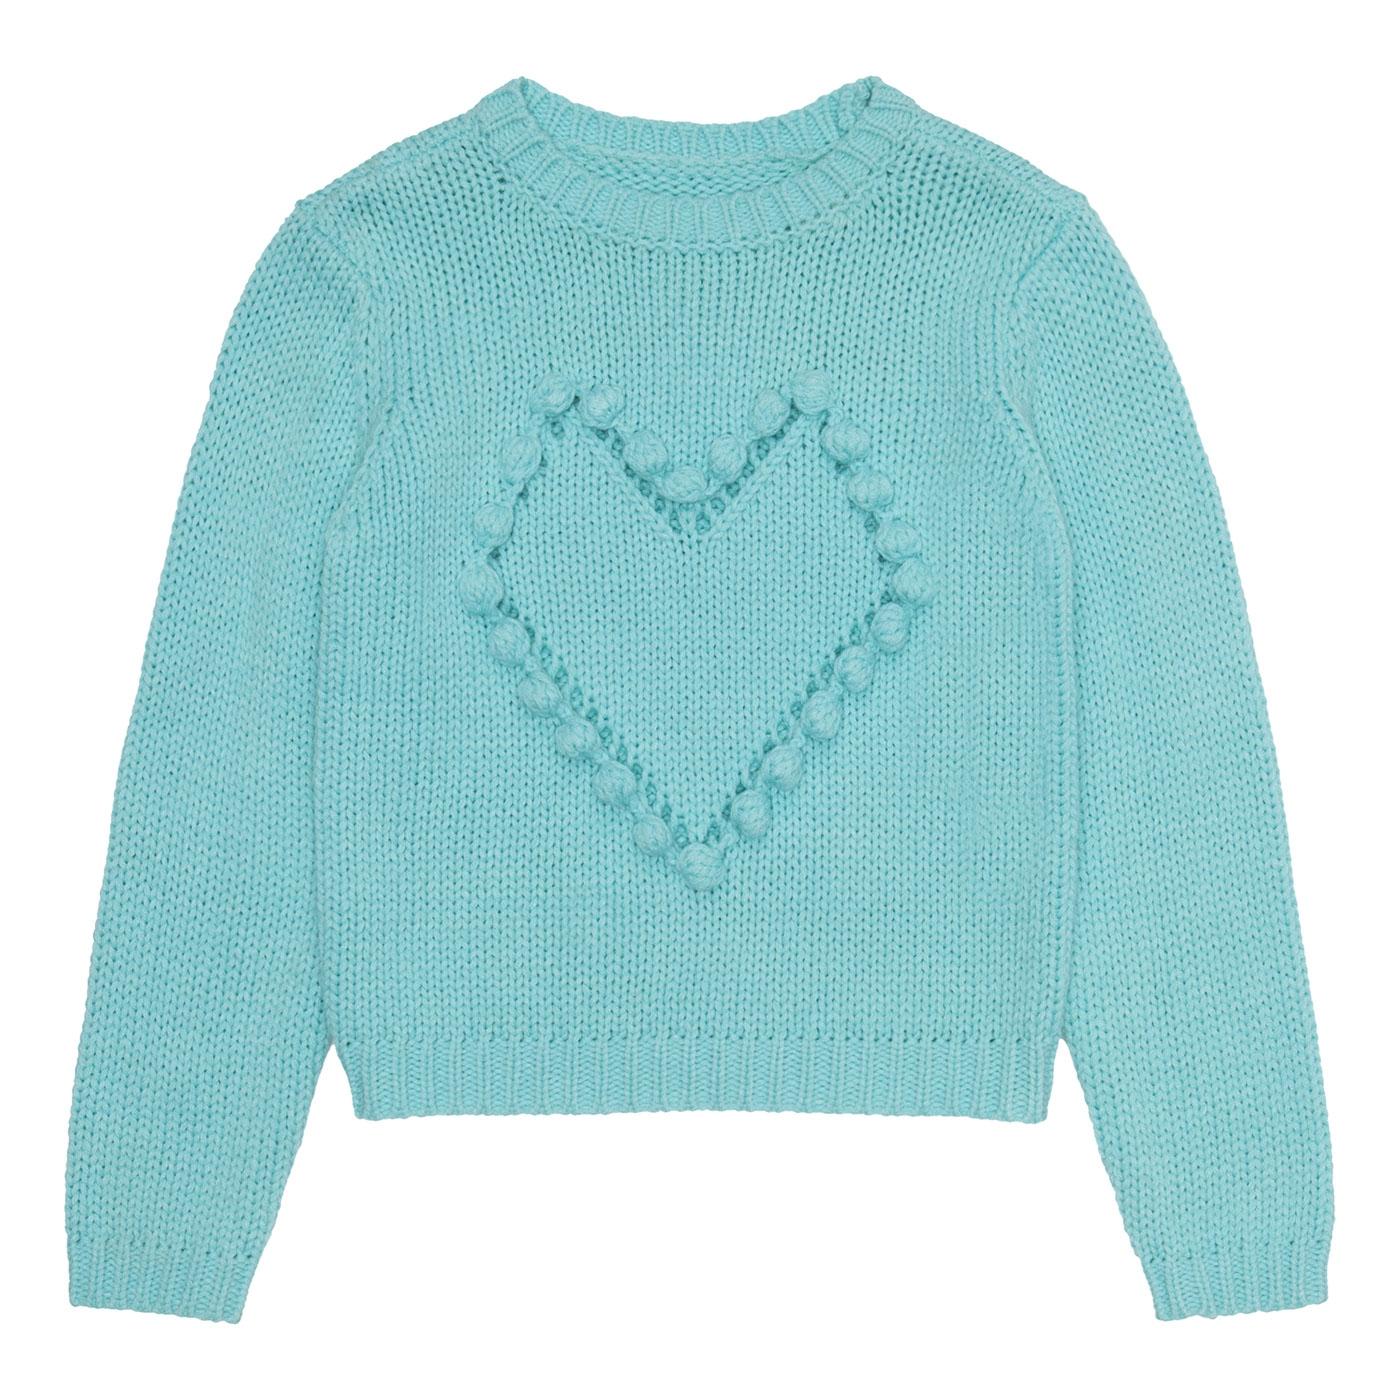 пуловер с сердечками спицами азиатская модель